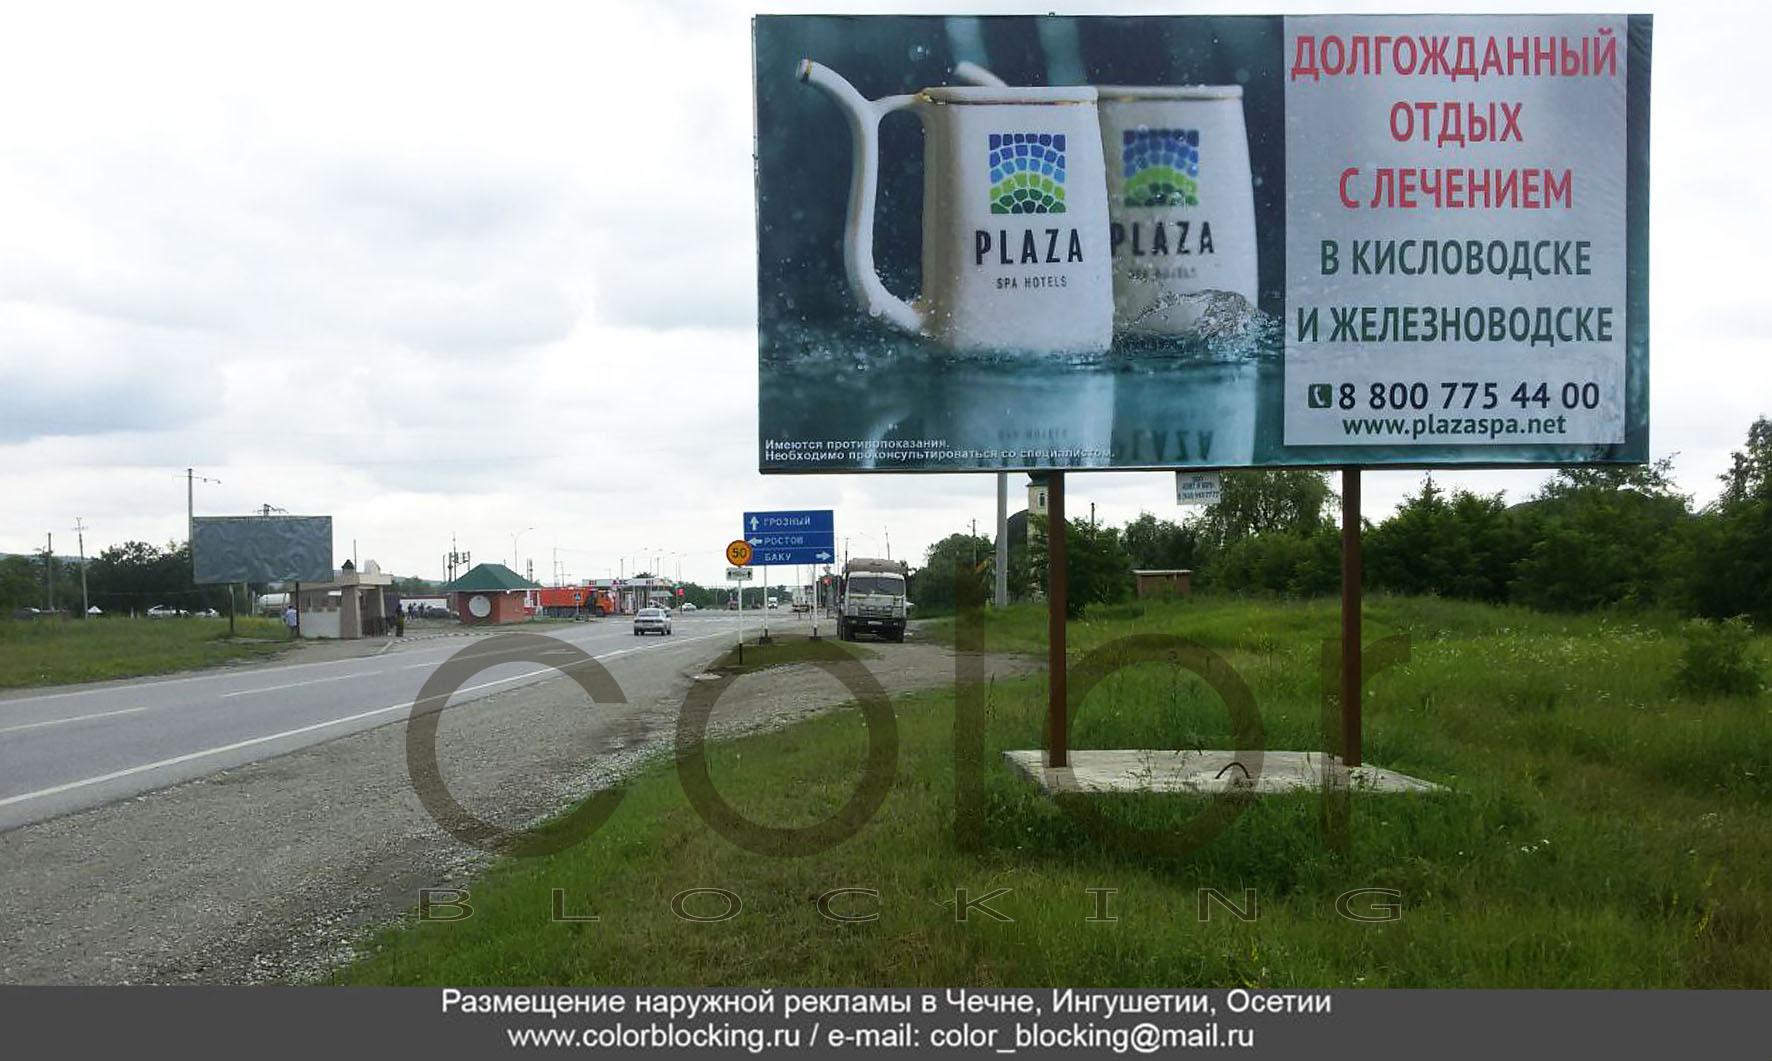 Реклама в центре Грозного щиты